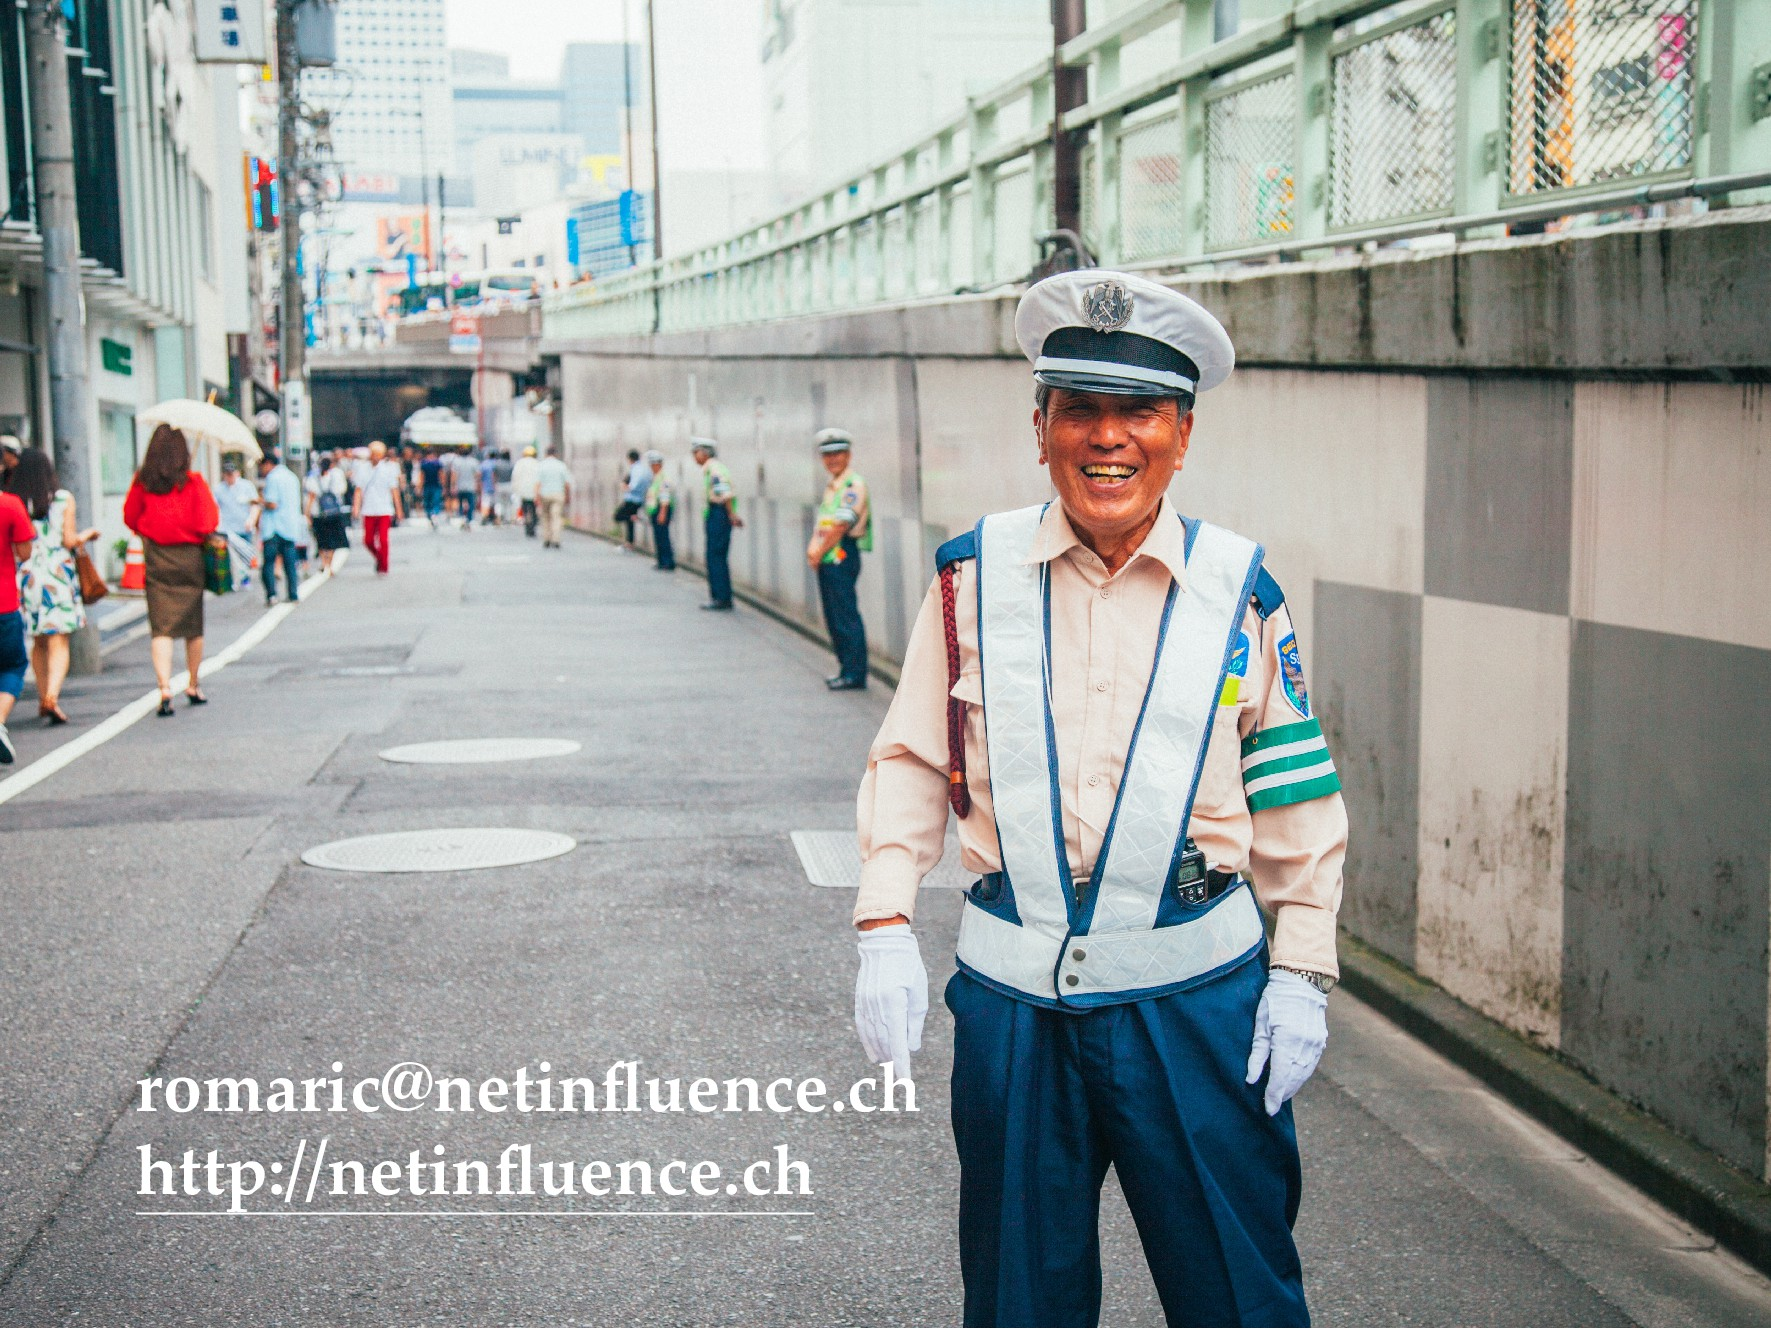 romaric@netinfluence.ch http://netinfluence.ch